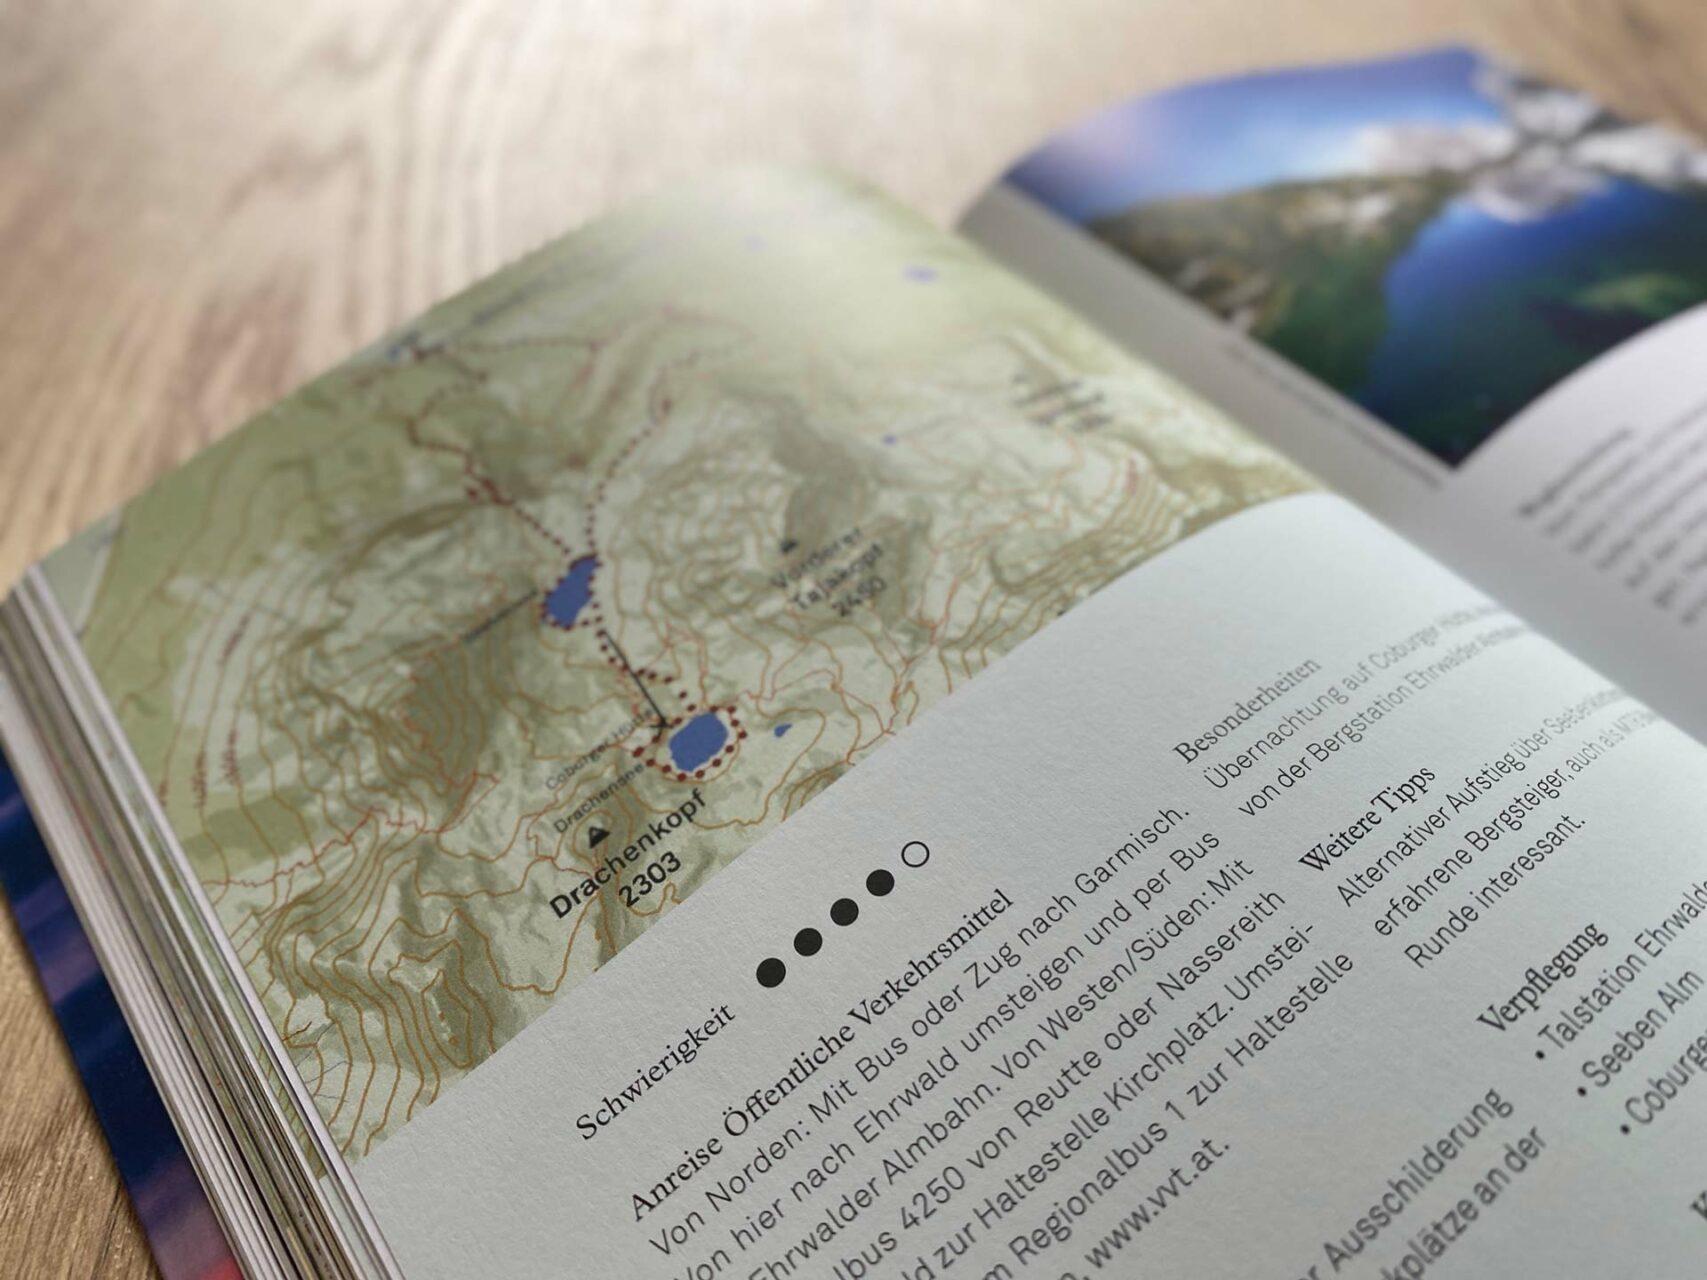 Detailreiche Infos & Karten für einen besseren Überblick – Mountain Moments von Marius Schwager, Detail © Eigenverlag, 2020